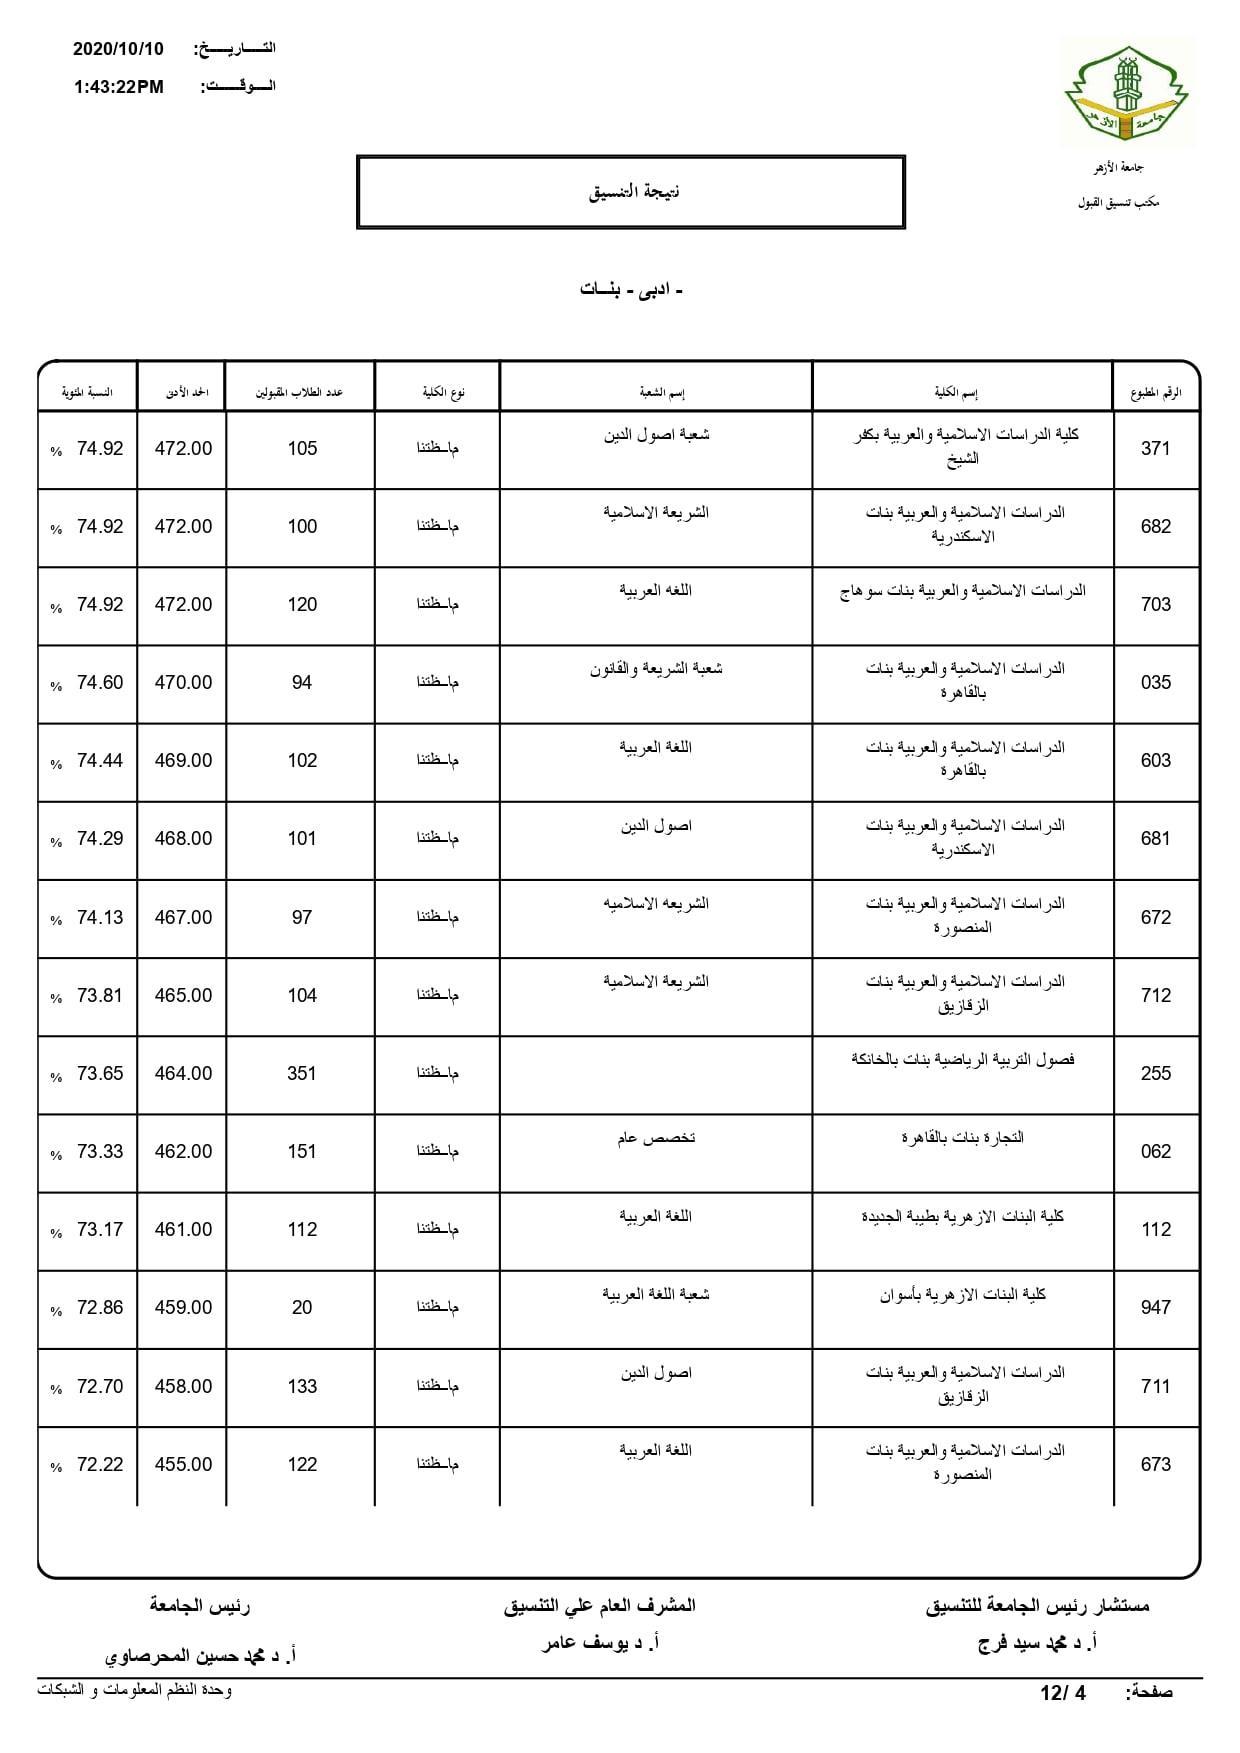 نتيجة تنسيق كليات جامعة الأزهر لعام 2020 بالكامل 20201010202519238